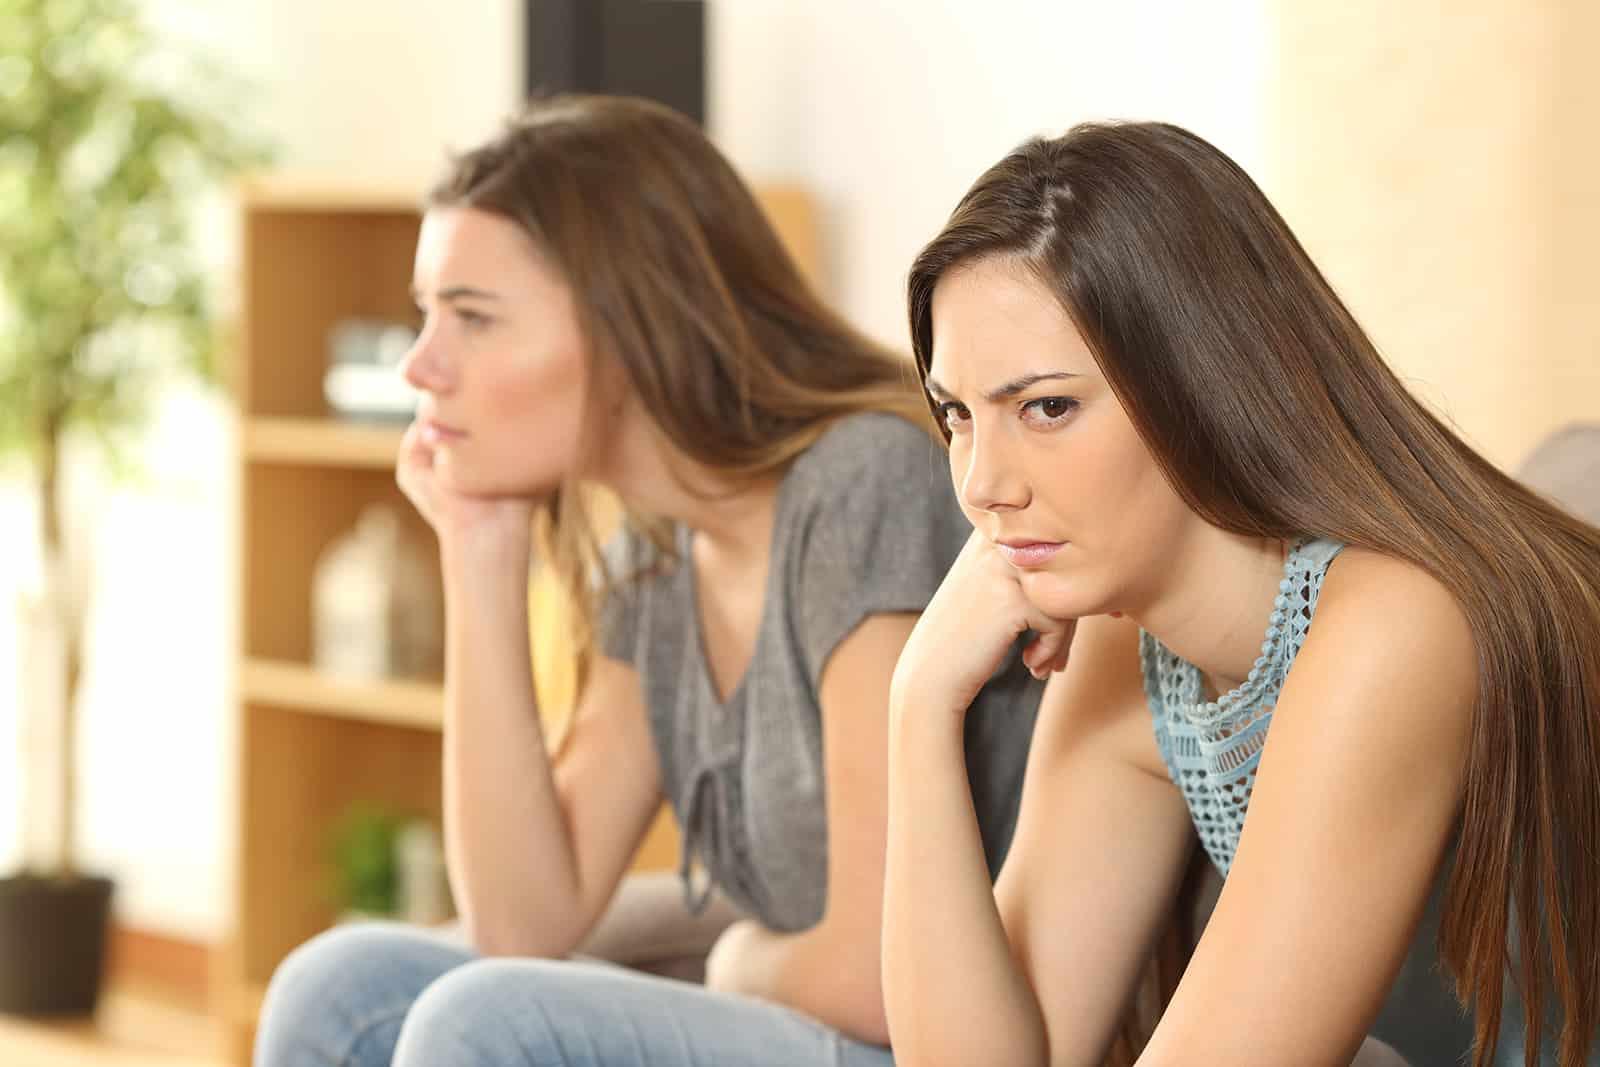 zwei verärgerte Freundinnen sitzen auf der Couch und ignorieren sich gegenseitig